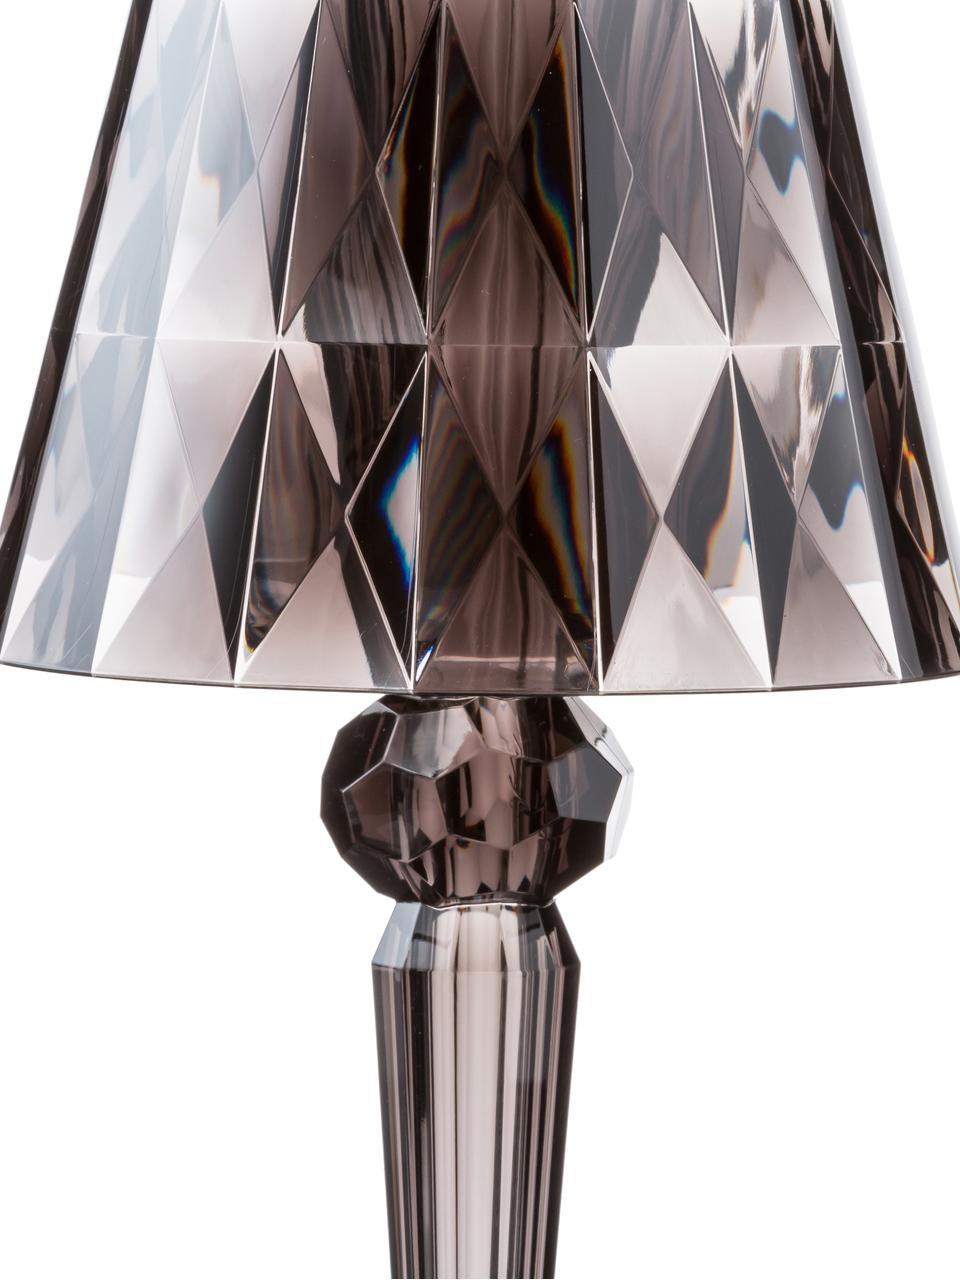 Malá designová stolní LED lampa Battery, Šedá, transparentní